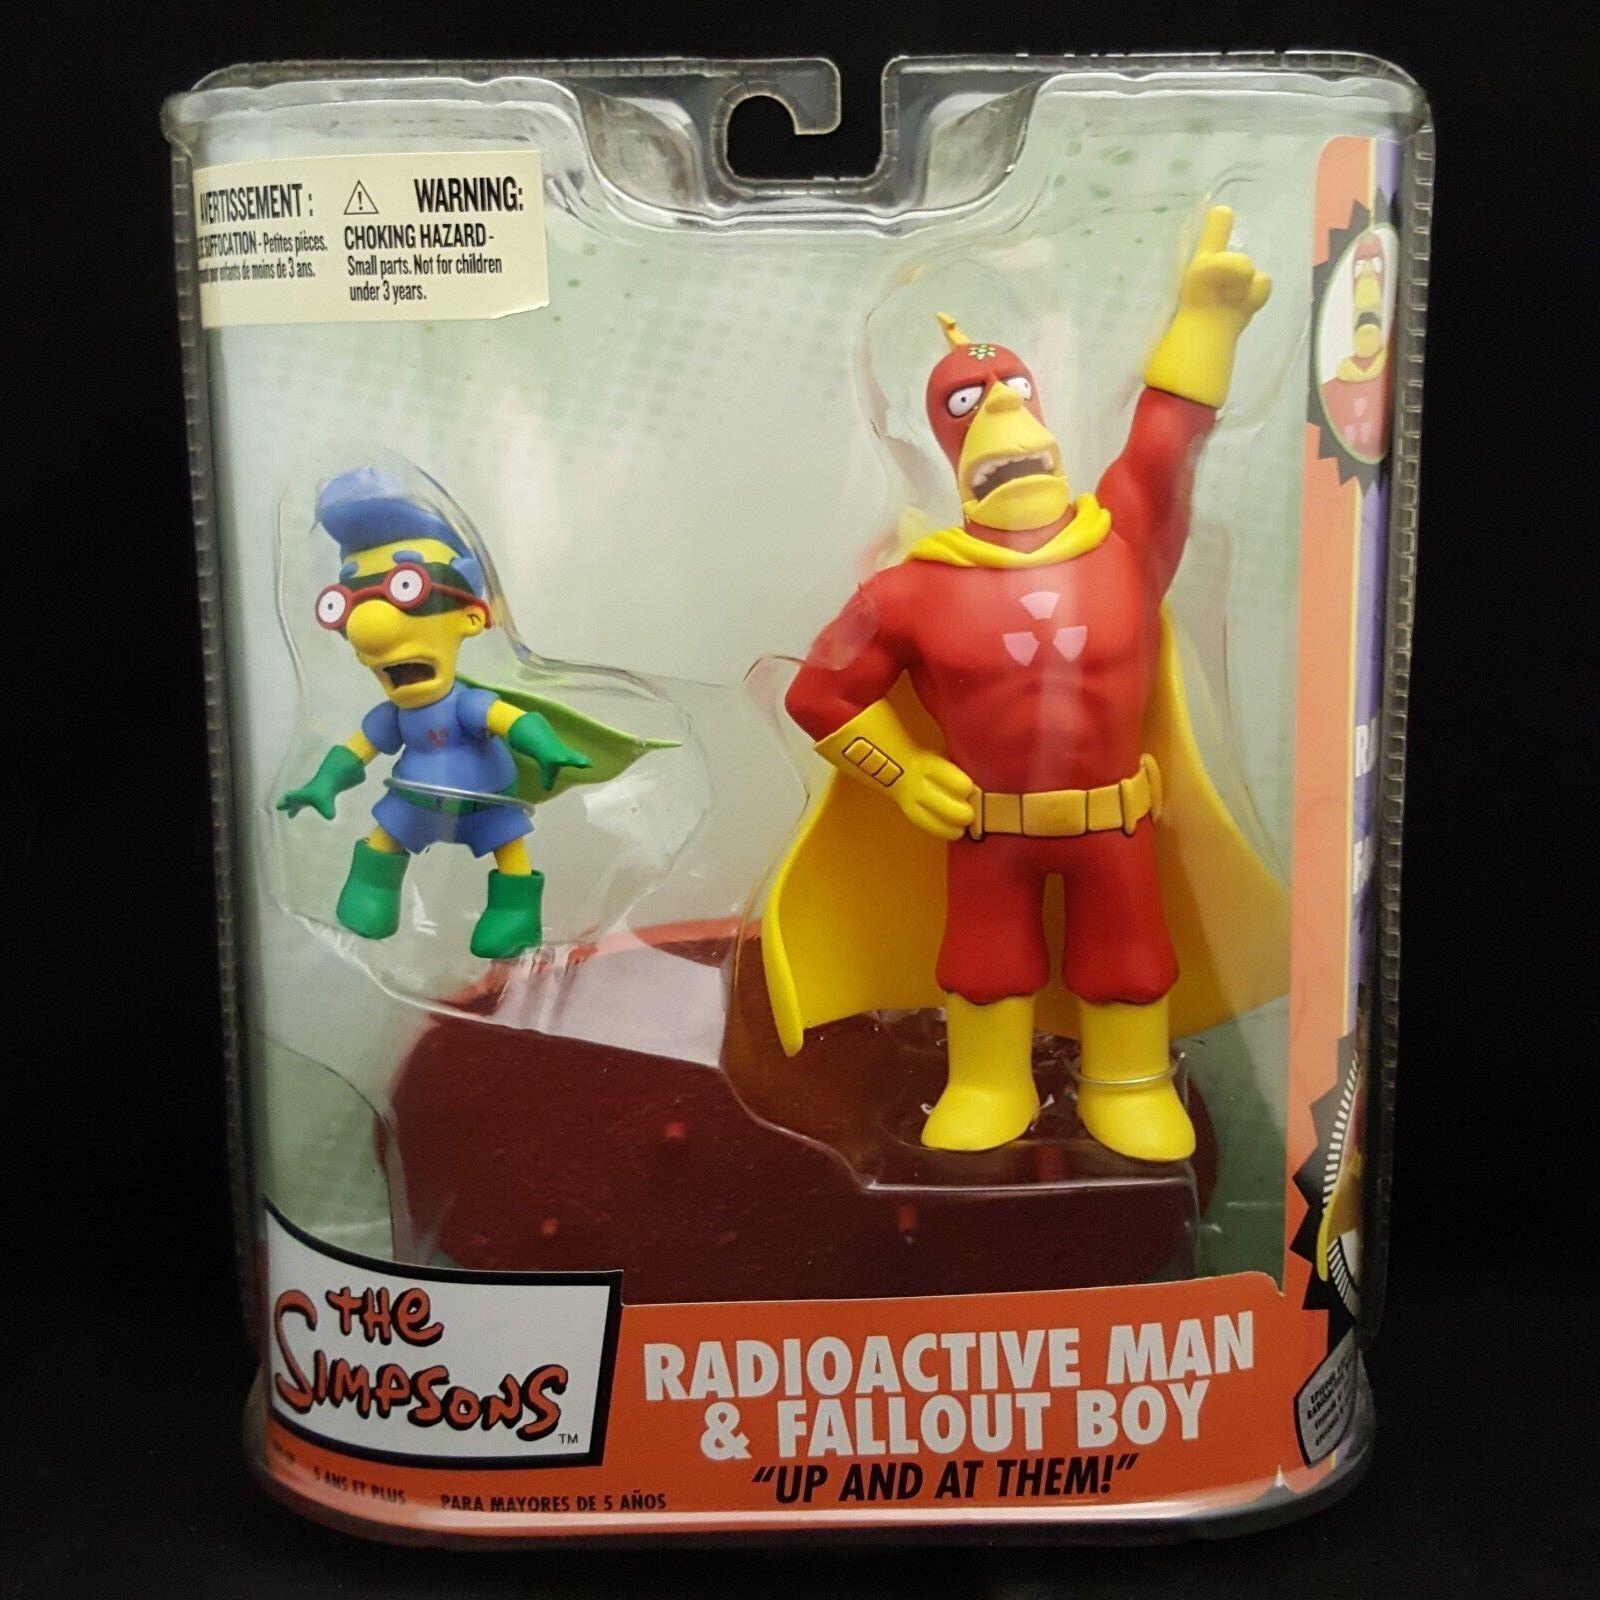 Die simpsons radioactive man mcfarlane spielzeug und fallout boy - neue